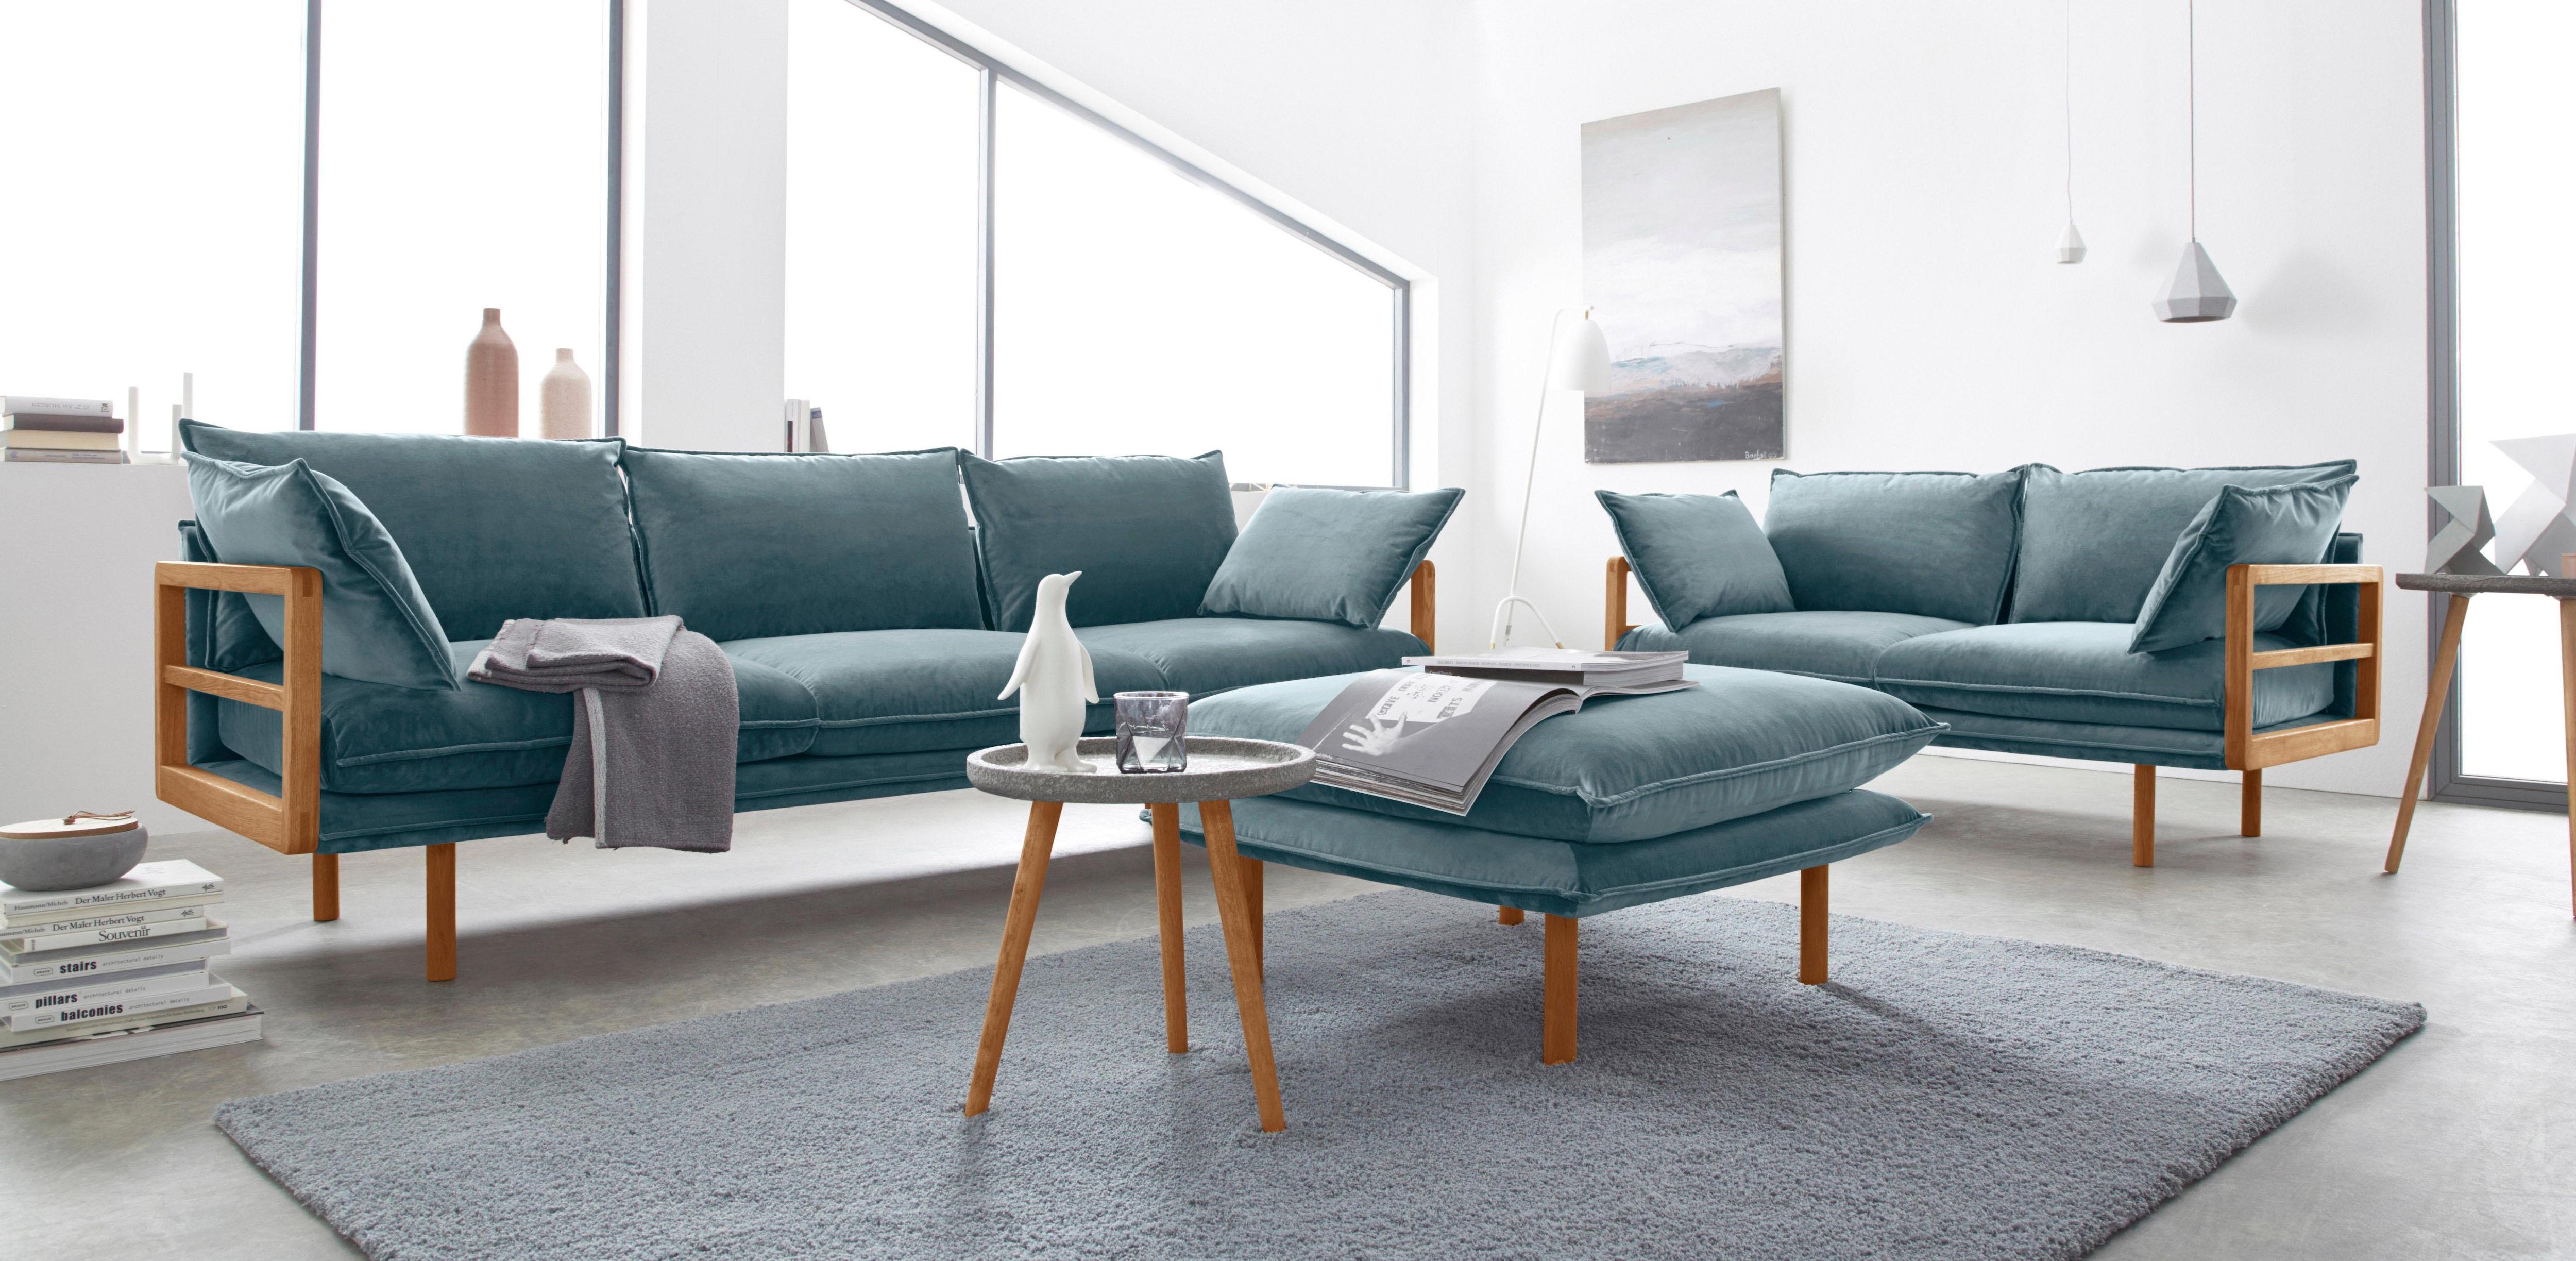 andas Purple 2- und 3-Sitzer im Set mit Eichen-Gestell in außergewöhnlichem Design | Wohnzimmer > Sofas & Couches > 2 & 3 Sitzer Sofas | Eiche | Andas